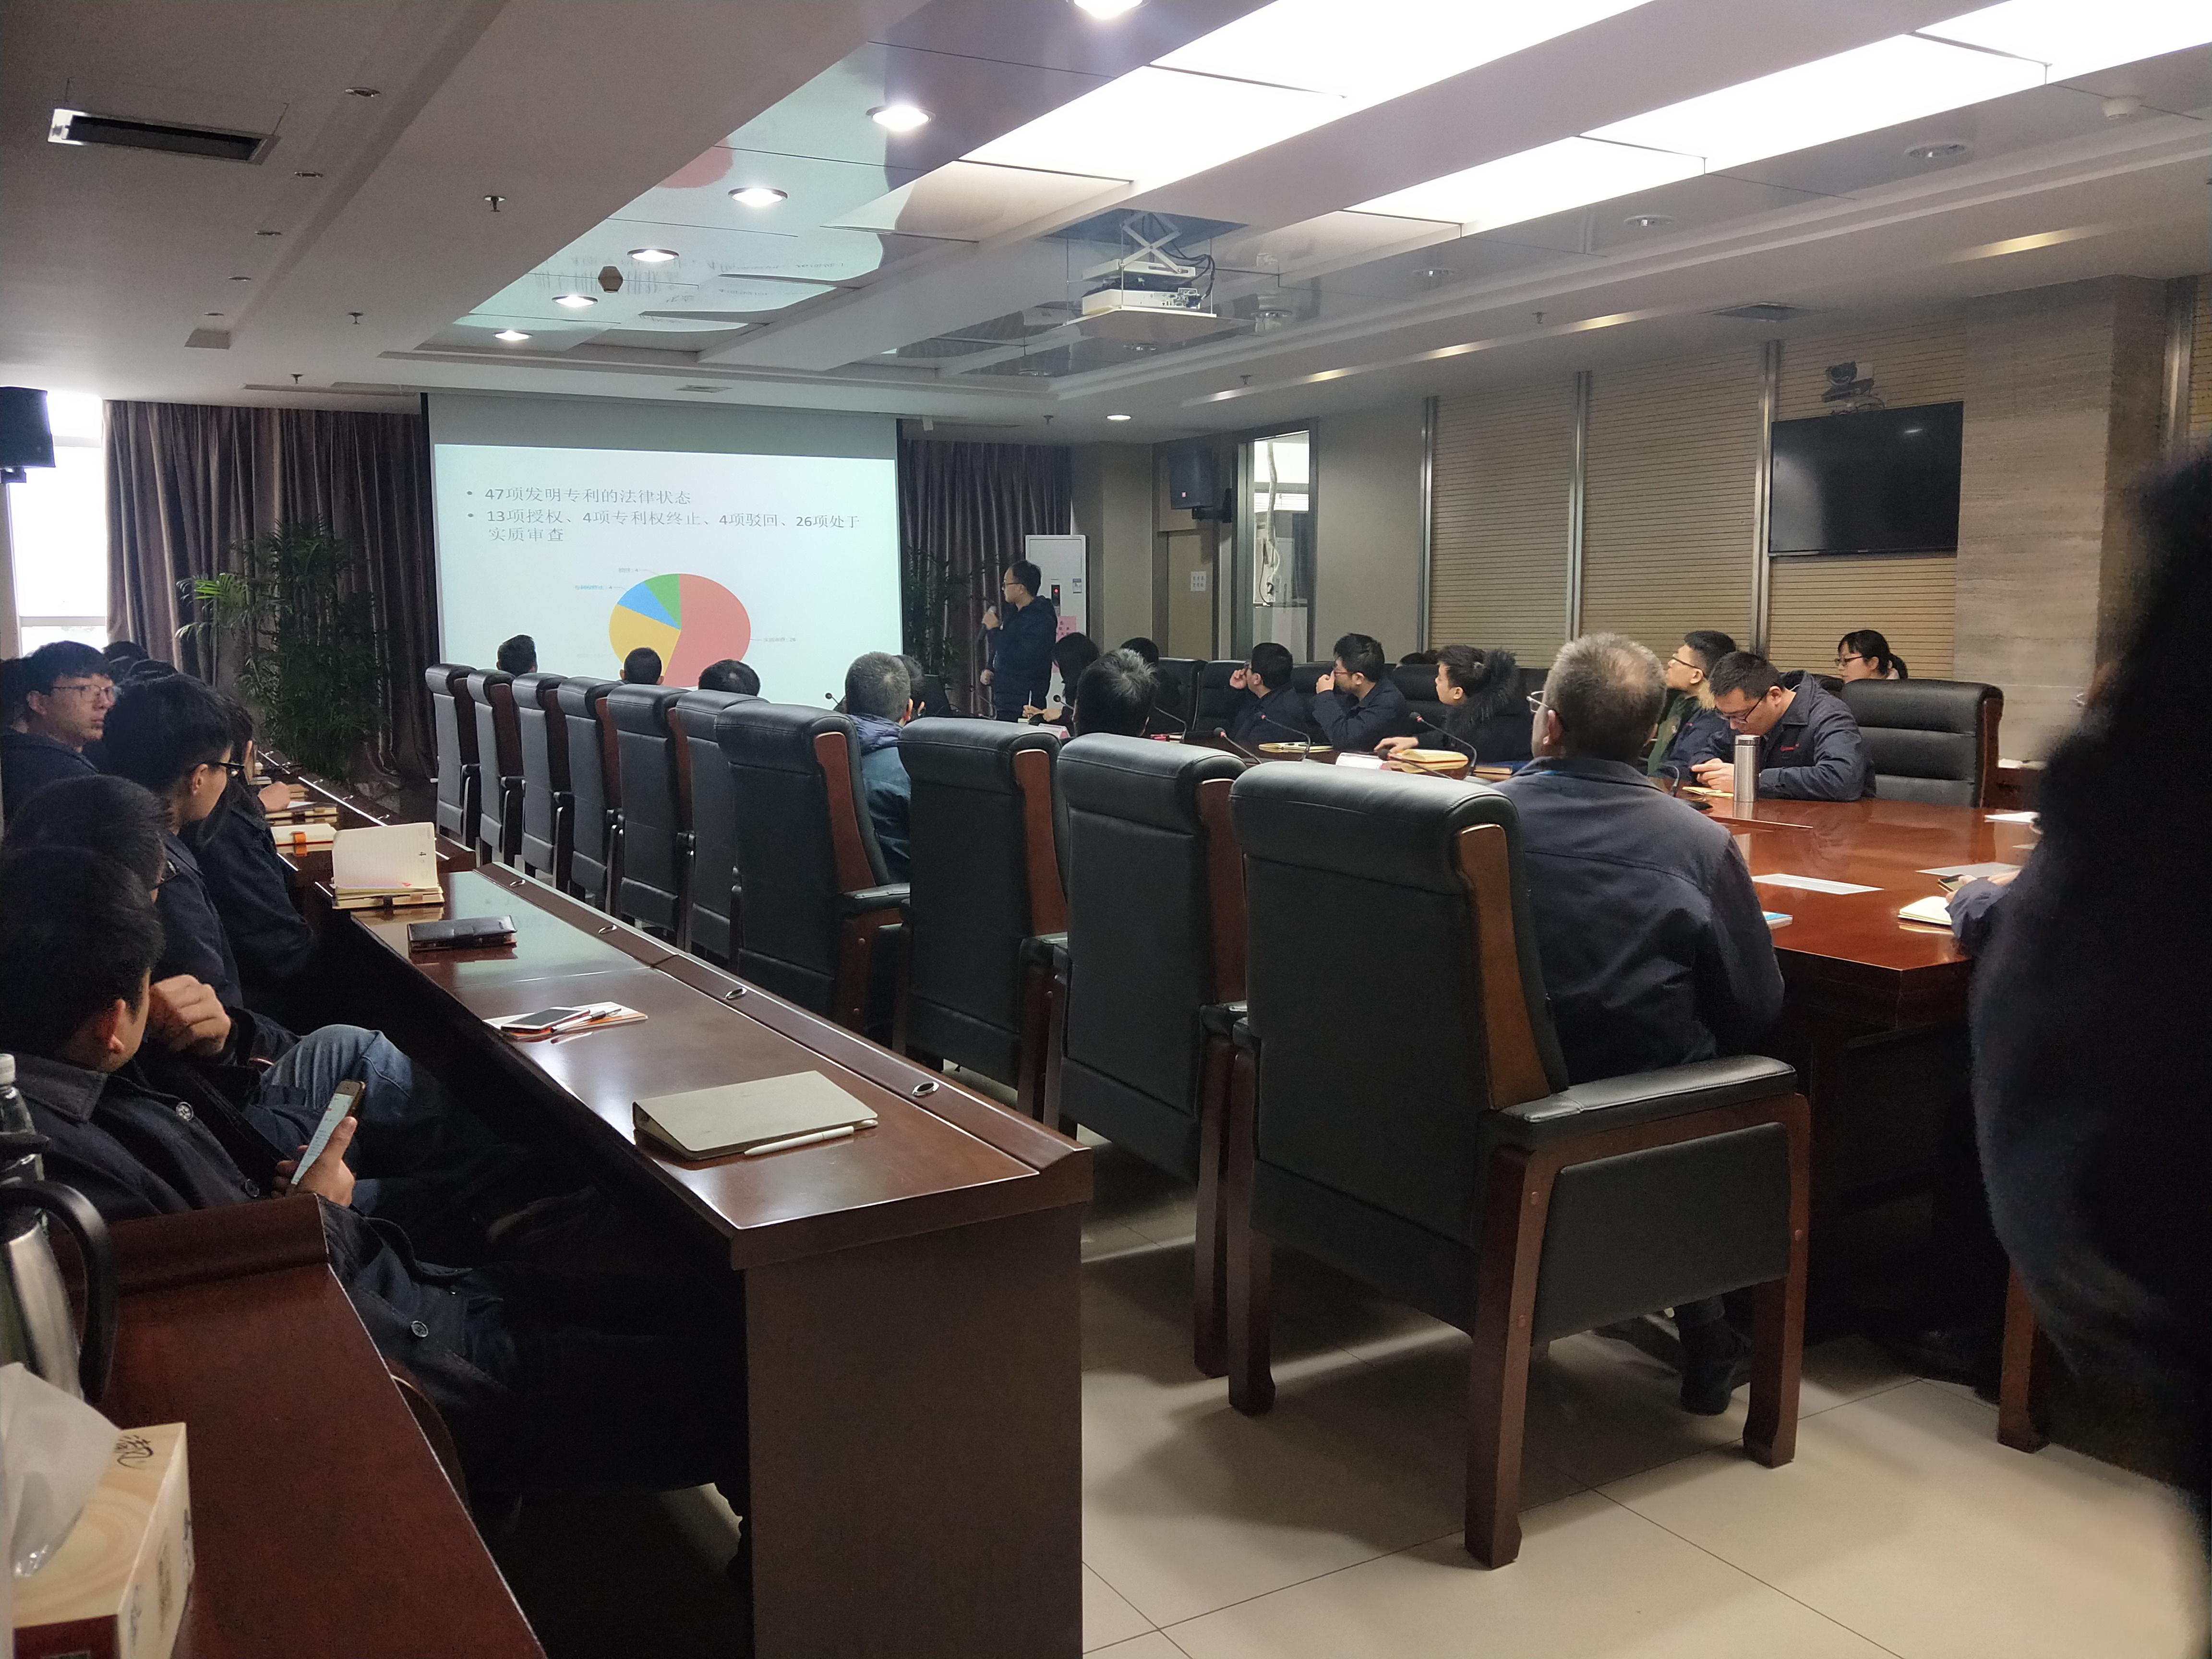 天策商标专利事务所为九州电子股份公司进行专利申请与挖掘知识培训